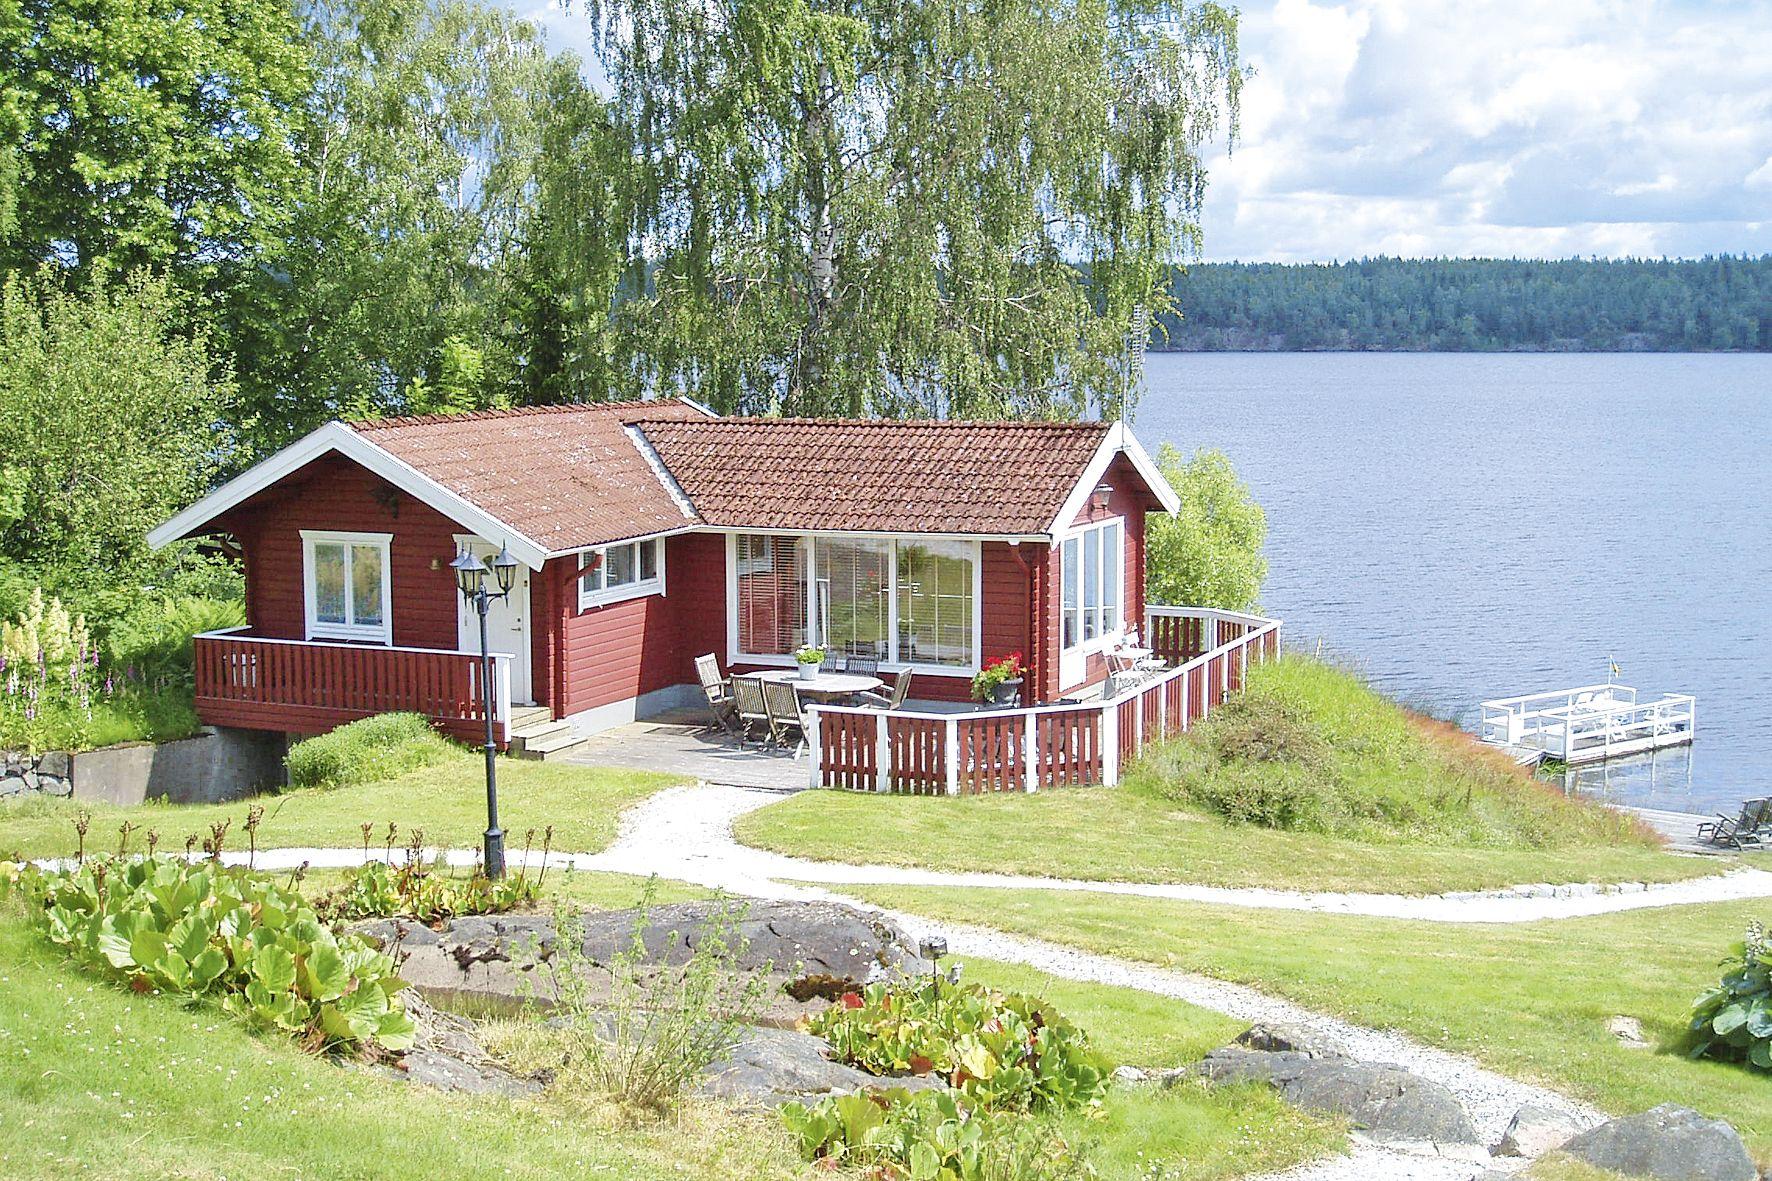 Traum am See Rotes Ferienhaus mit tollem Blick über den See …mmel¥ngen und Umgebung